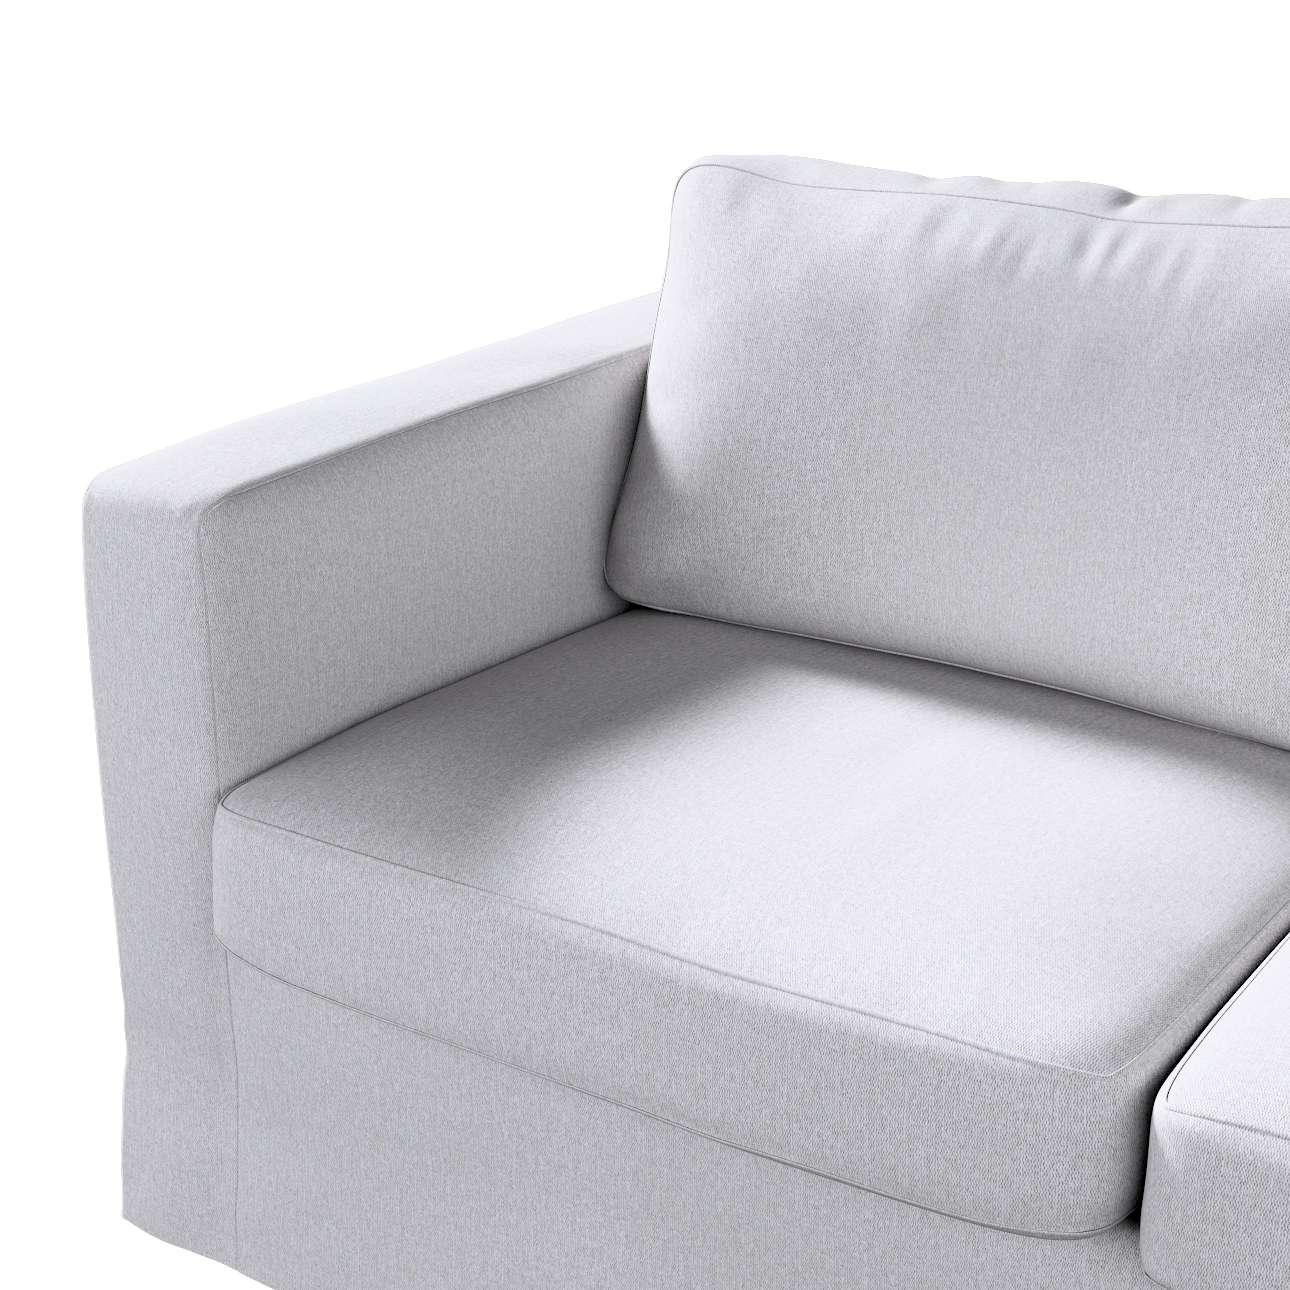 Karlstad klädsel 2-sits soffa -  lång i kollektionen Amsterdam, Tyg: 704-45